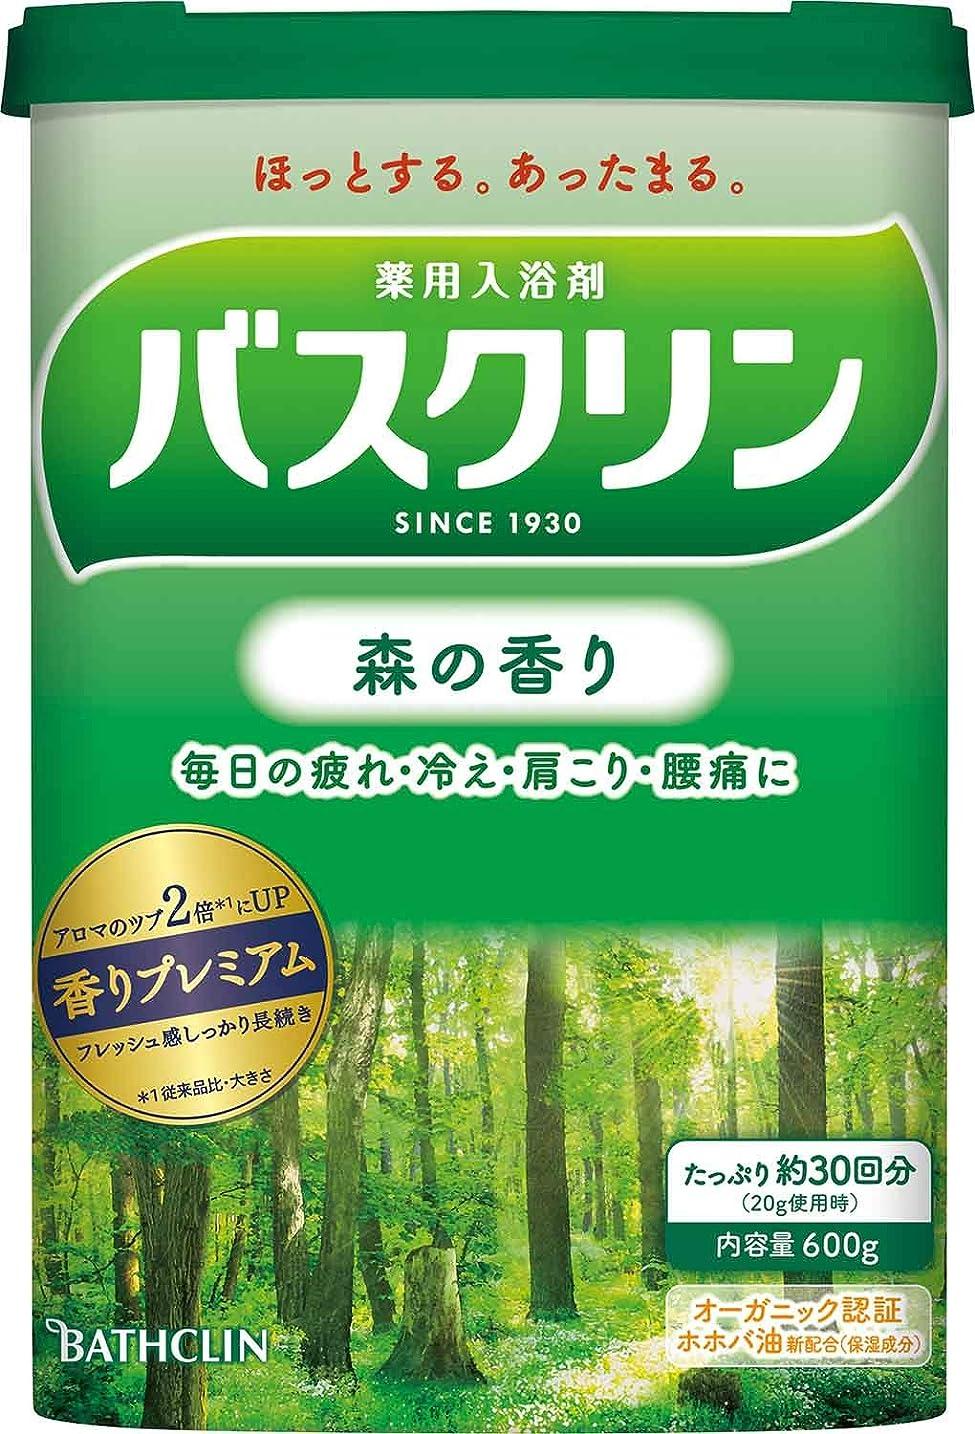 原点免除する可愛い【医薬部外品】バスクリン入浴剤 森の香り600g入浴剤(約30回分) 疲労回復